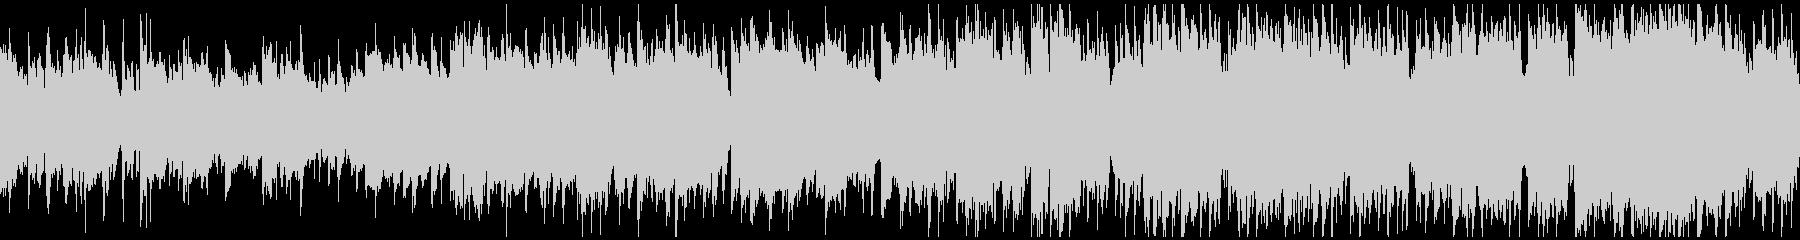 オープニング映像向け優雅ポップ※ループ版の未再生の波形